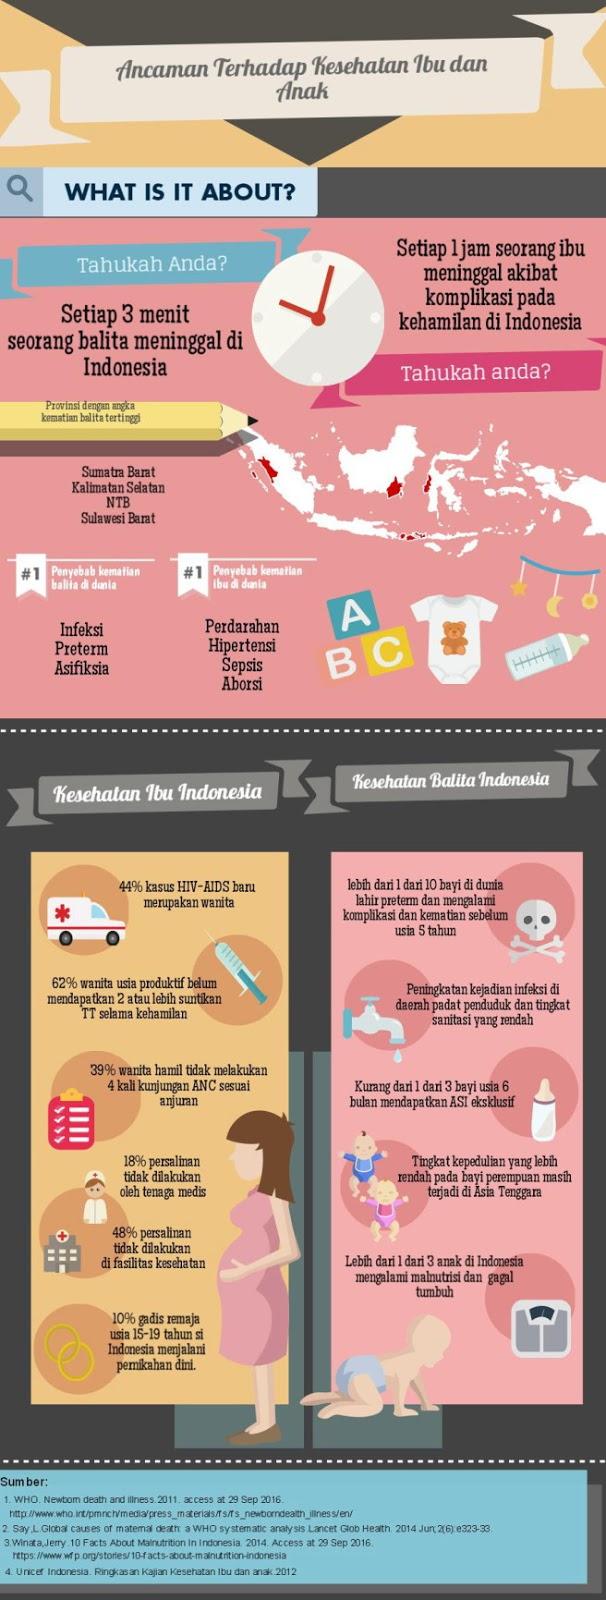 Ancaman Terhadap Kesehatan Ibu dan Anak - Infografis Kesehatan